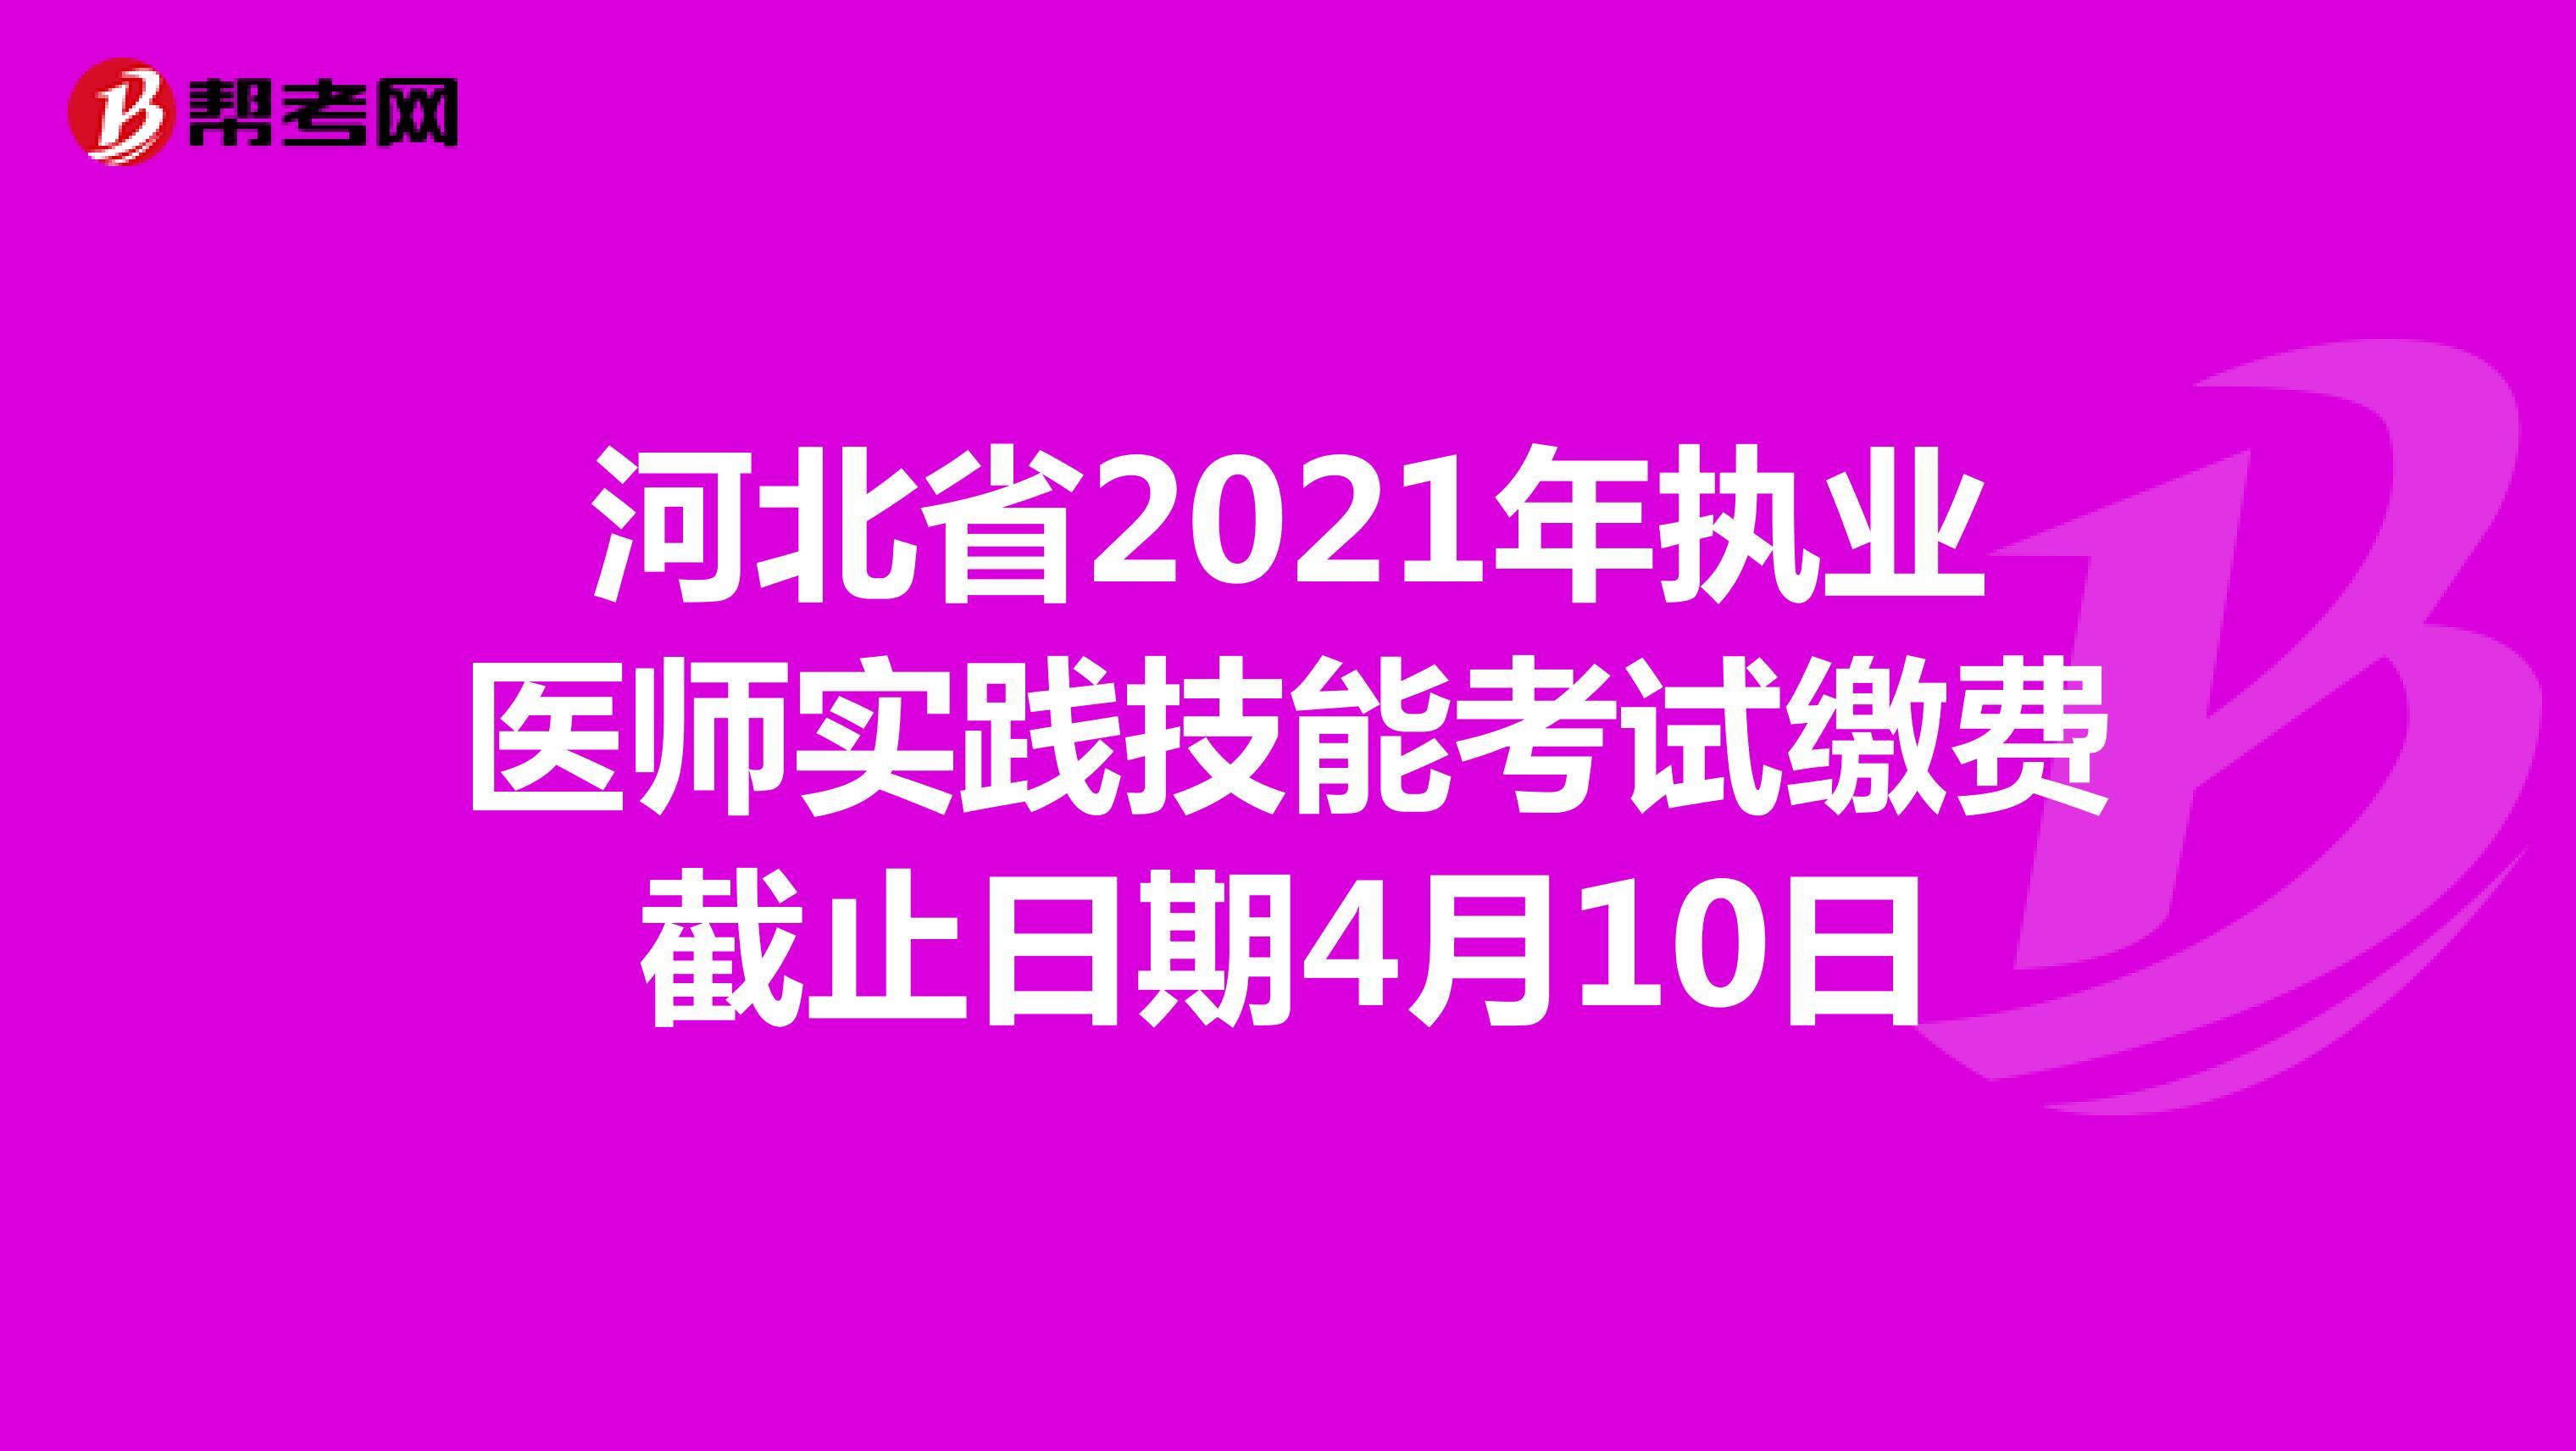 河北省2021年執業醫師實踐技能考試繳費截止日期4月10日